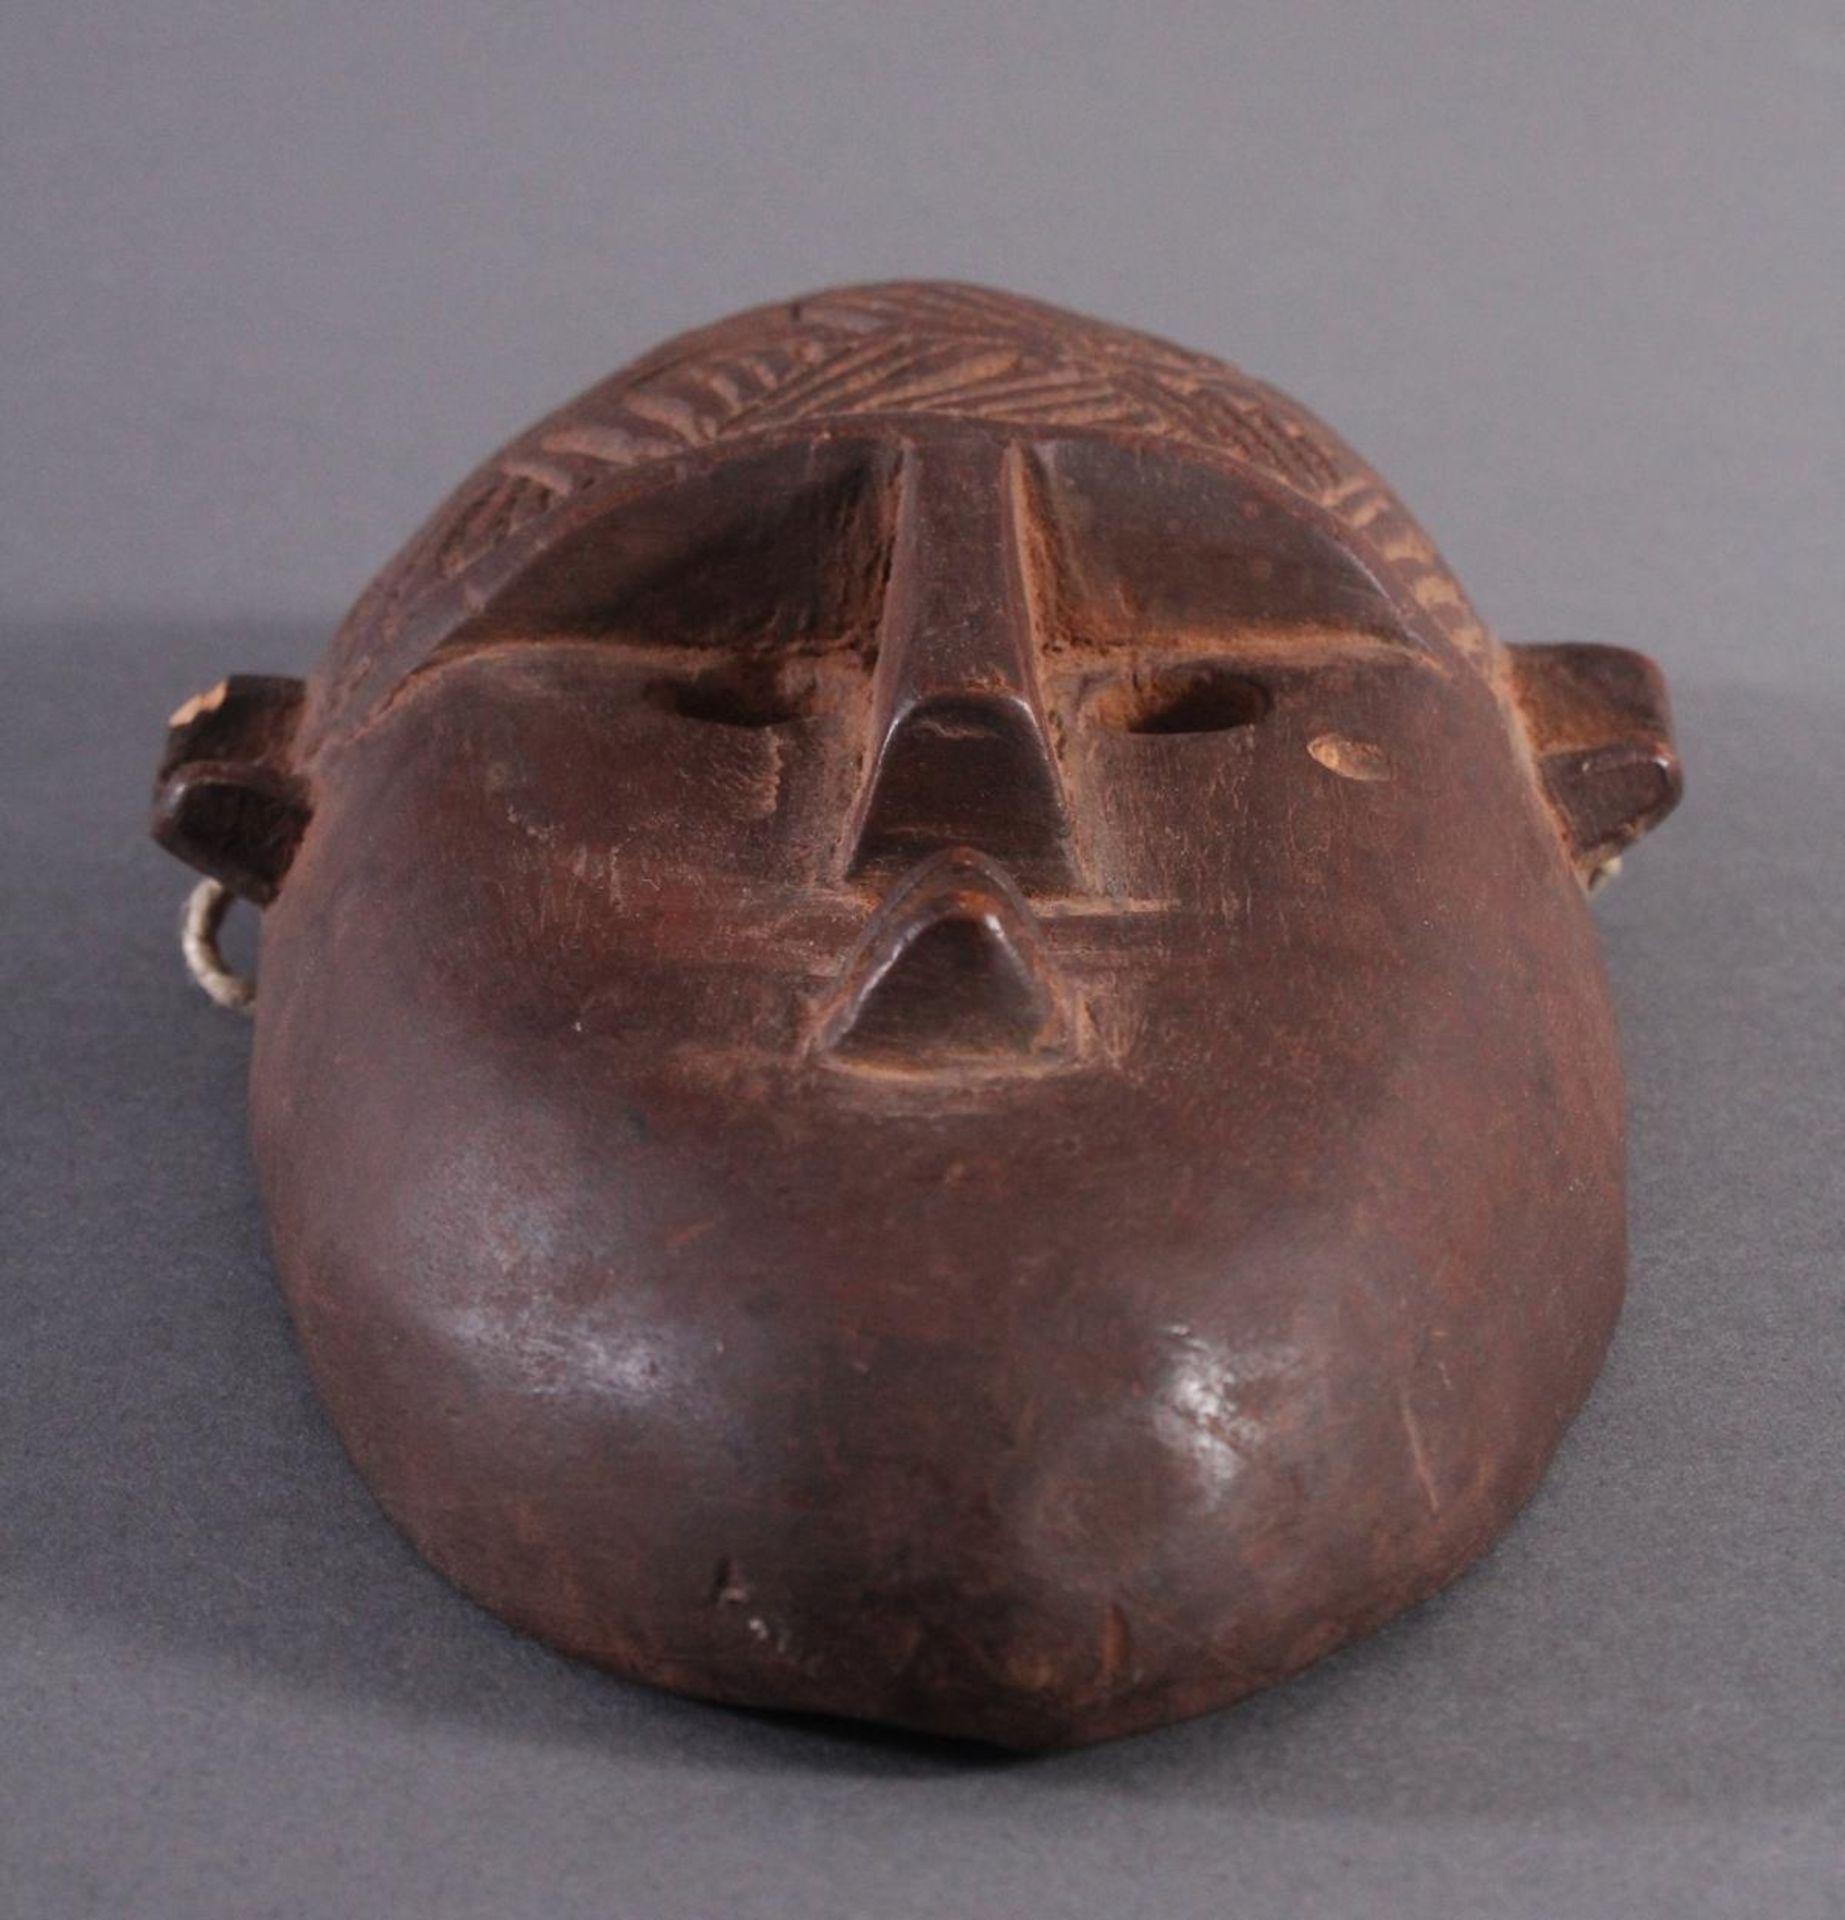 Antike Maske, BambaraHolz geschnitzt, braune Patina, am linken Ohr mit kleiner Abplatzung, - Bild 5 aus 6